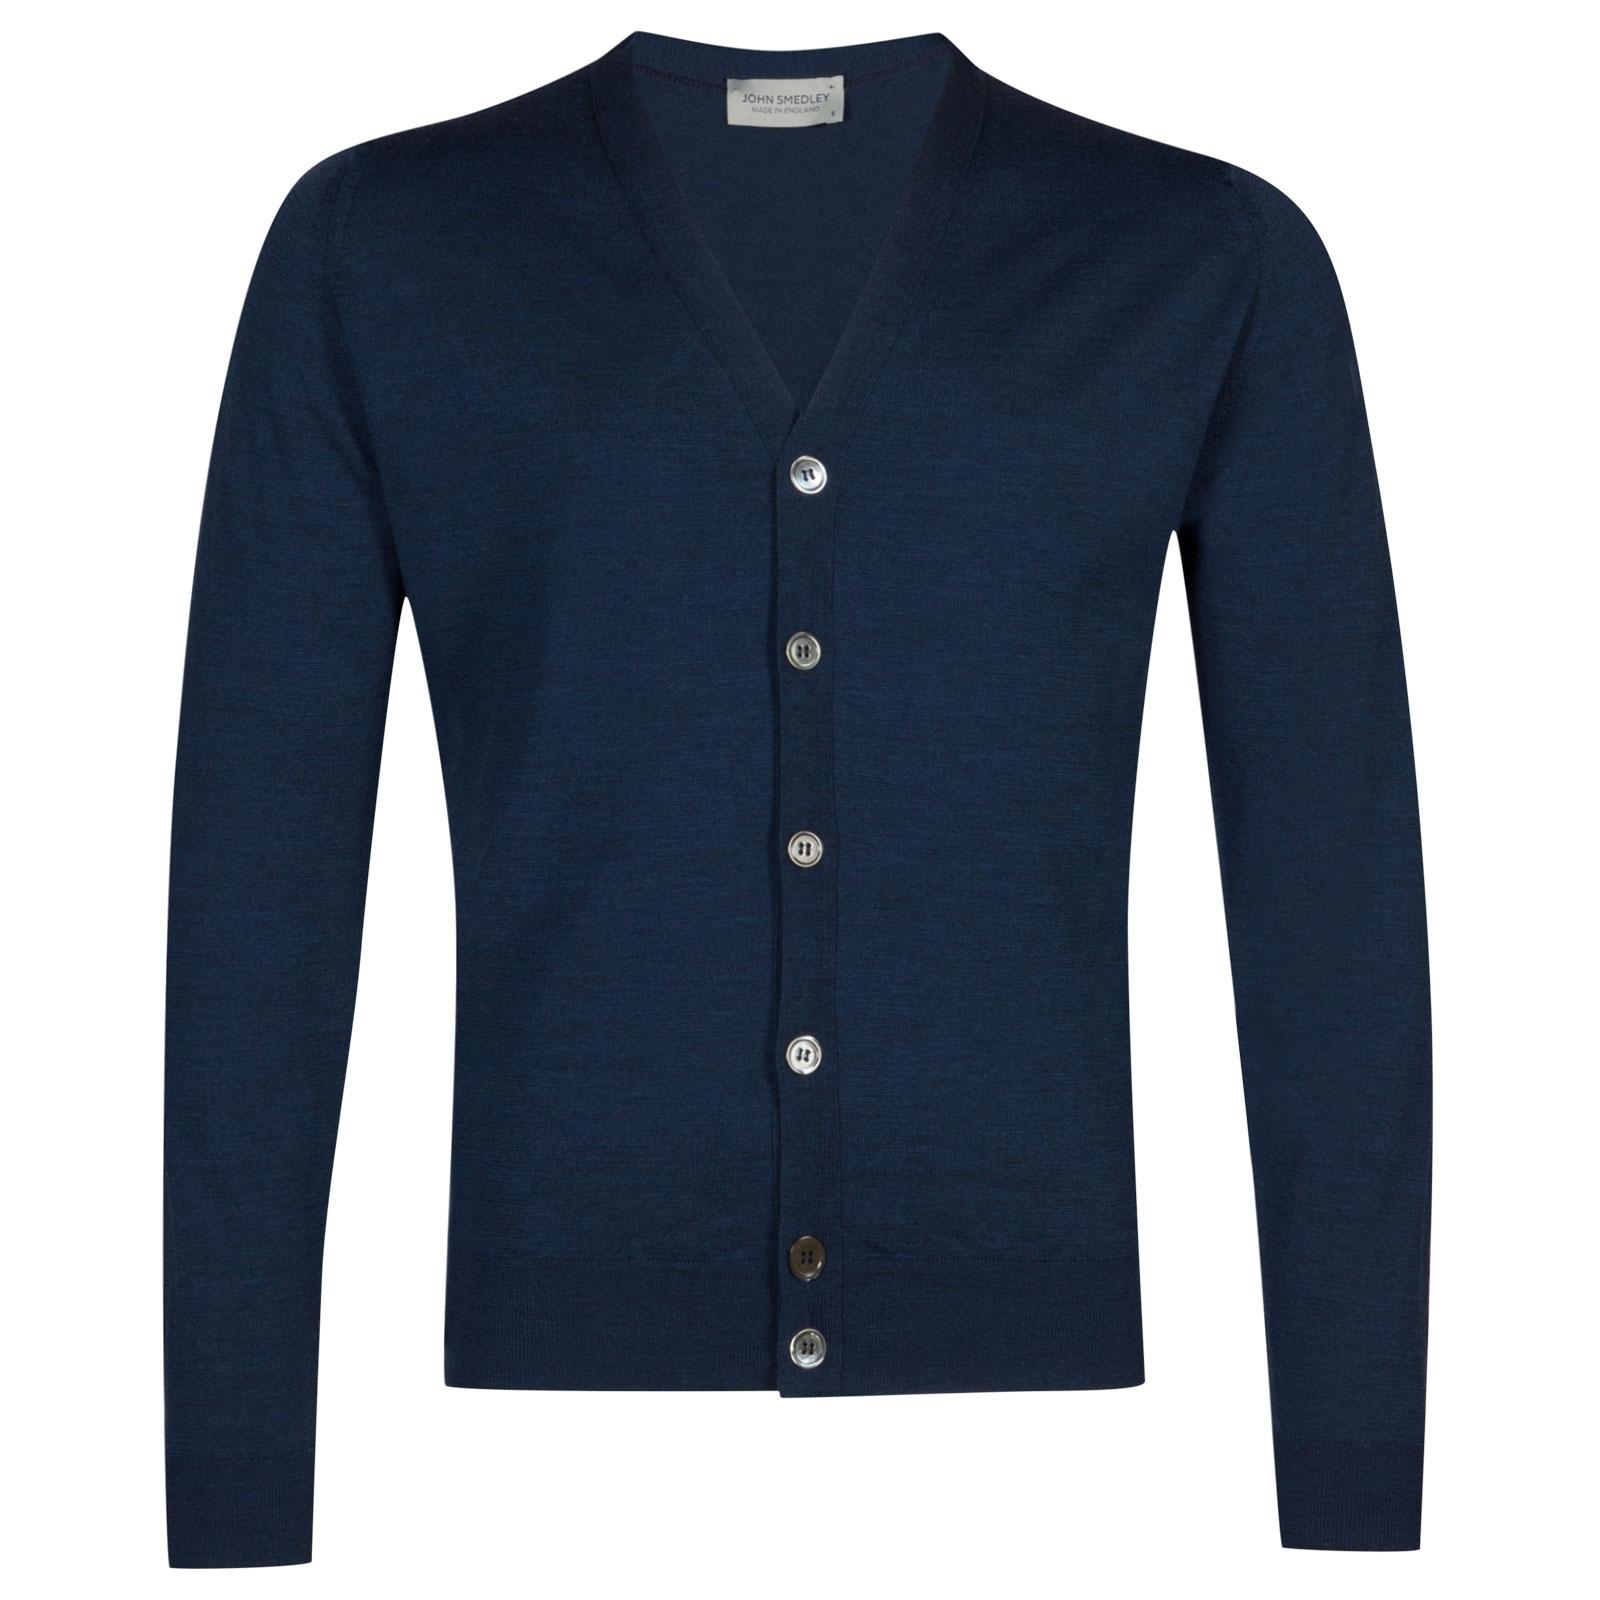 John Smedley Naples Merino Wool Cardigan in Indigo-XL